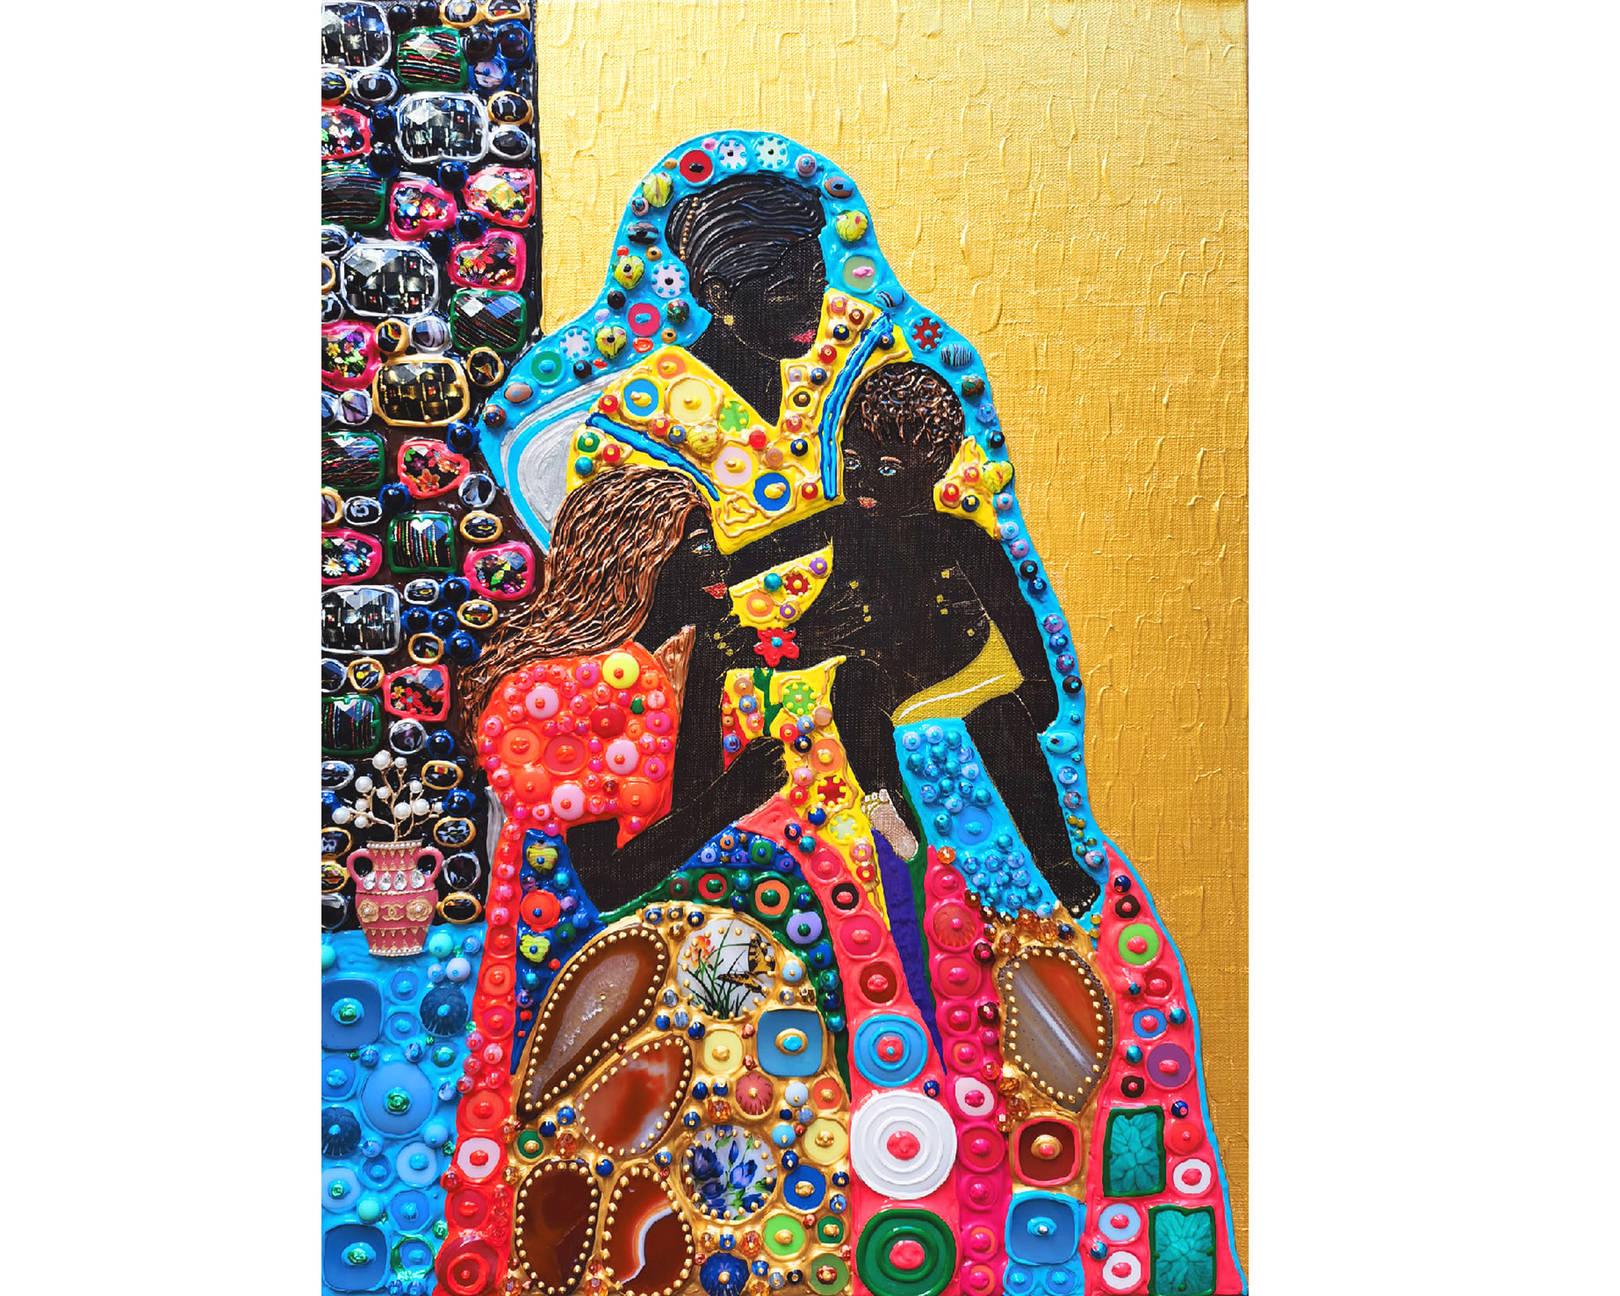 African Mary Cassat